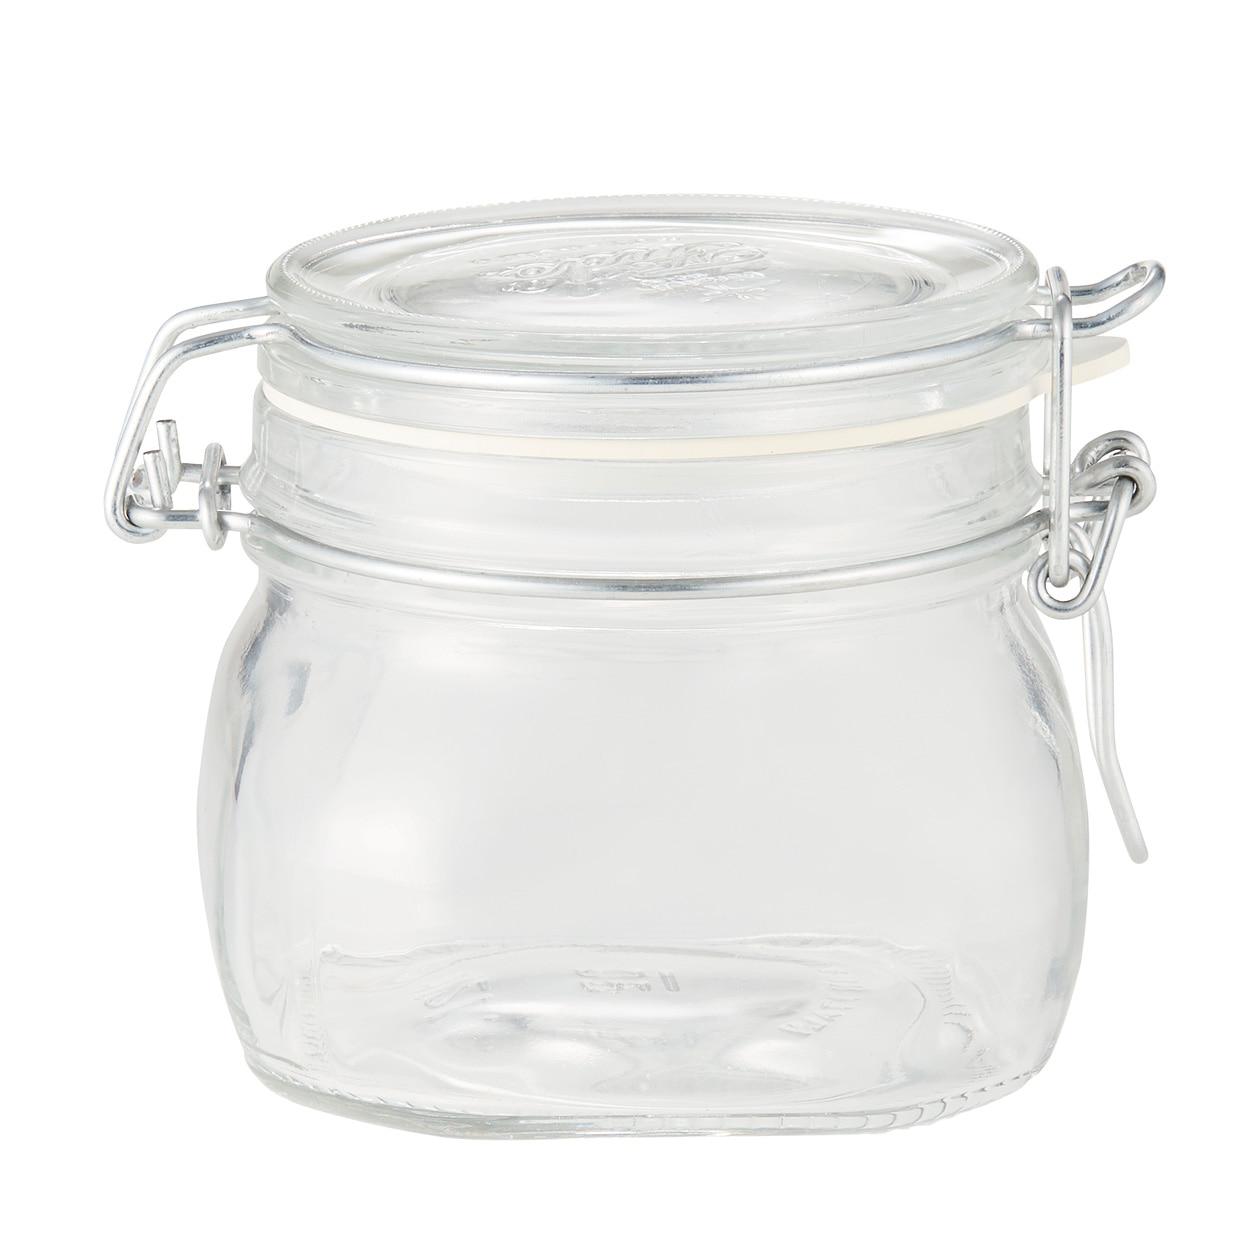 ソーダガラス密封ビンの写真